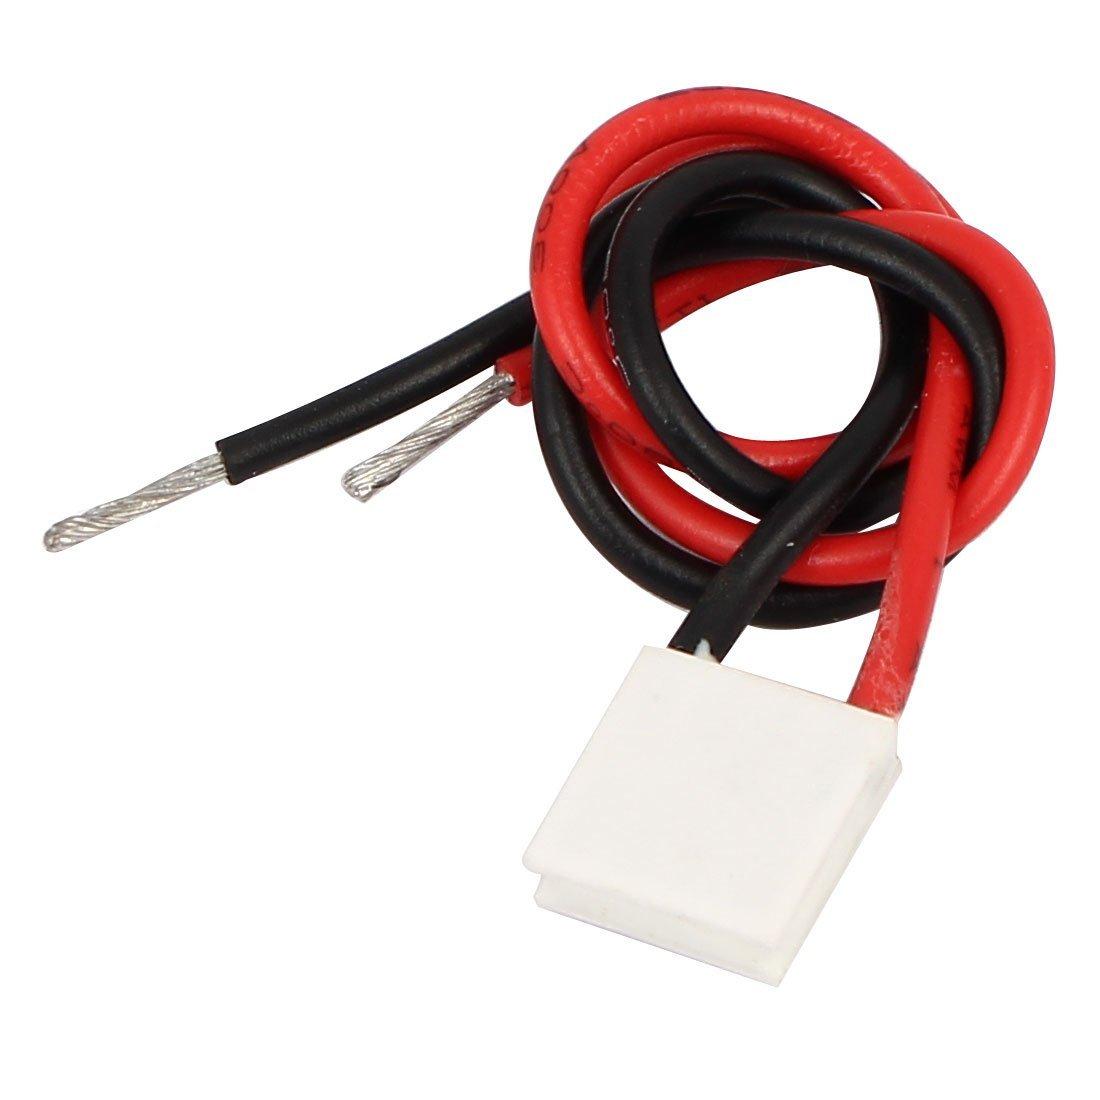 Amazon.com: DealMux TEC1-00712 0.82V 12A termoeléctricos módulo refrigerador refrigerar Placa Peltier: Electronics